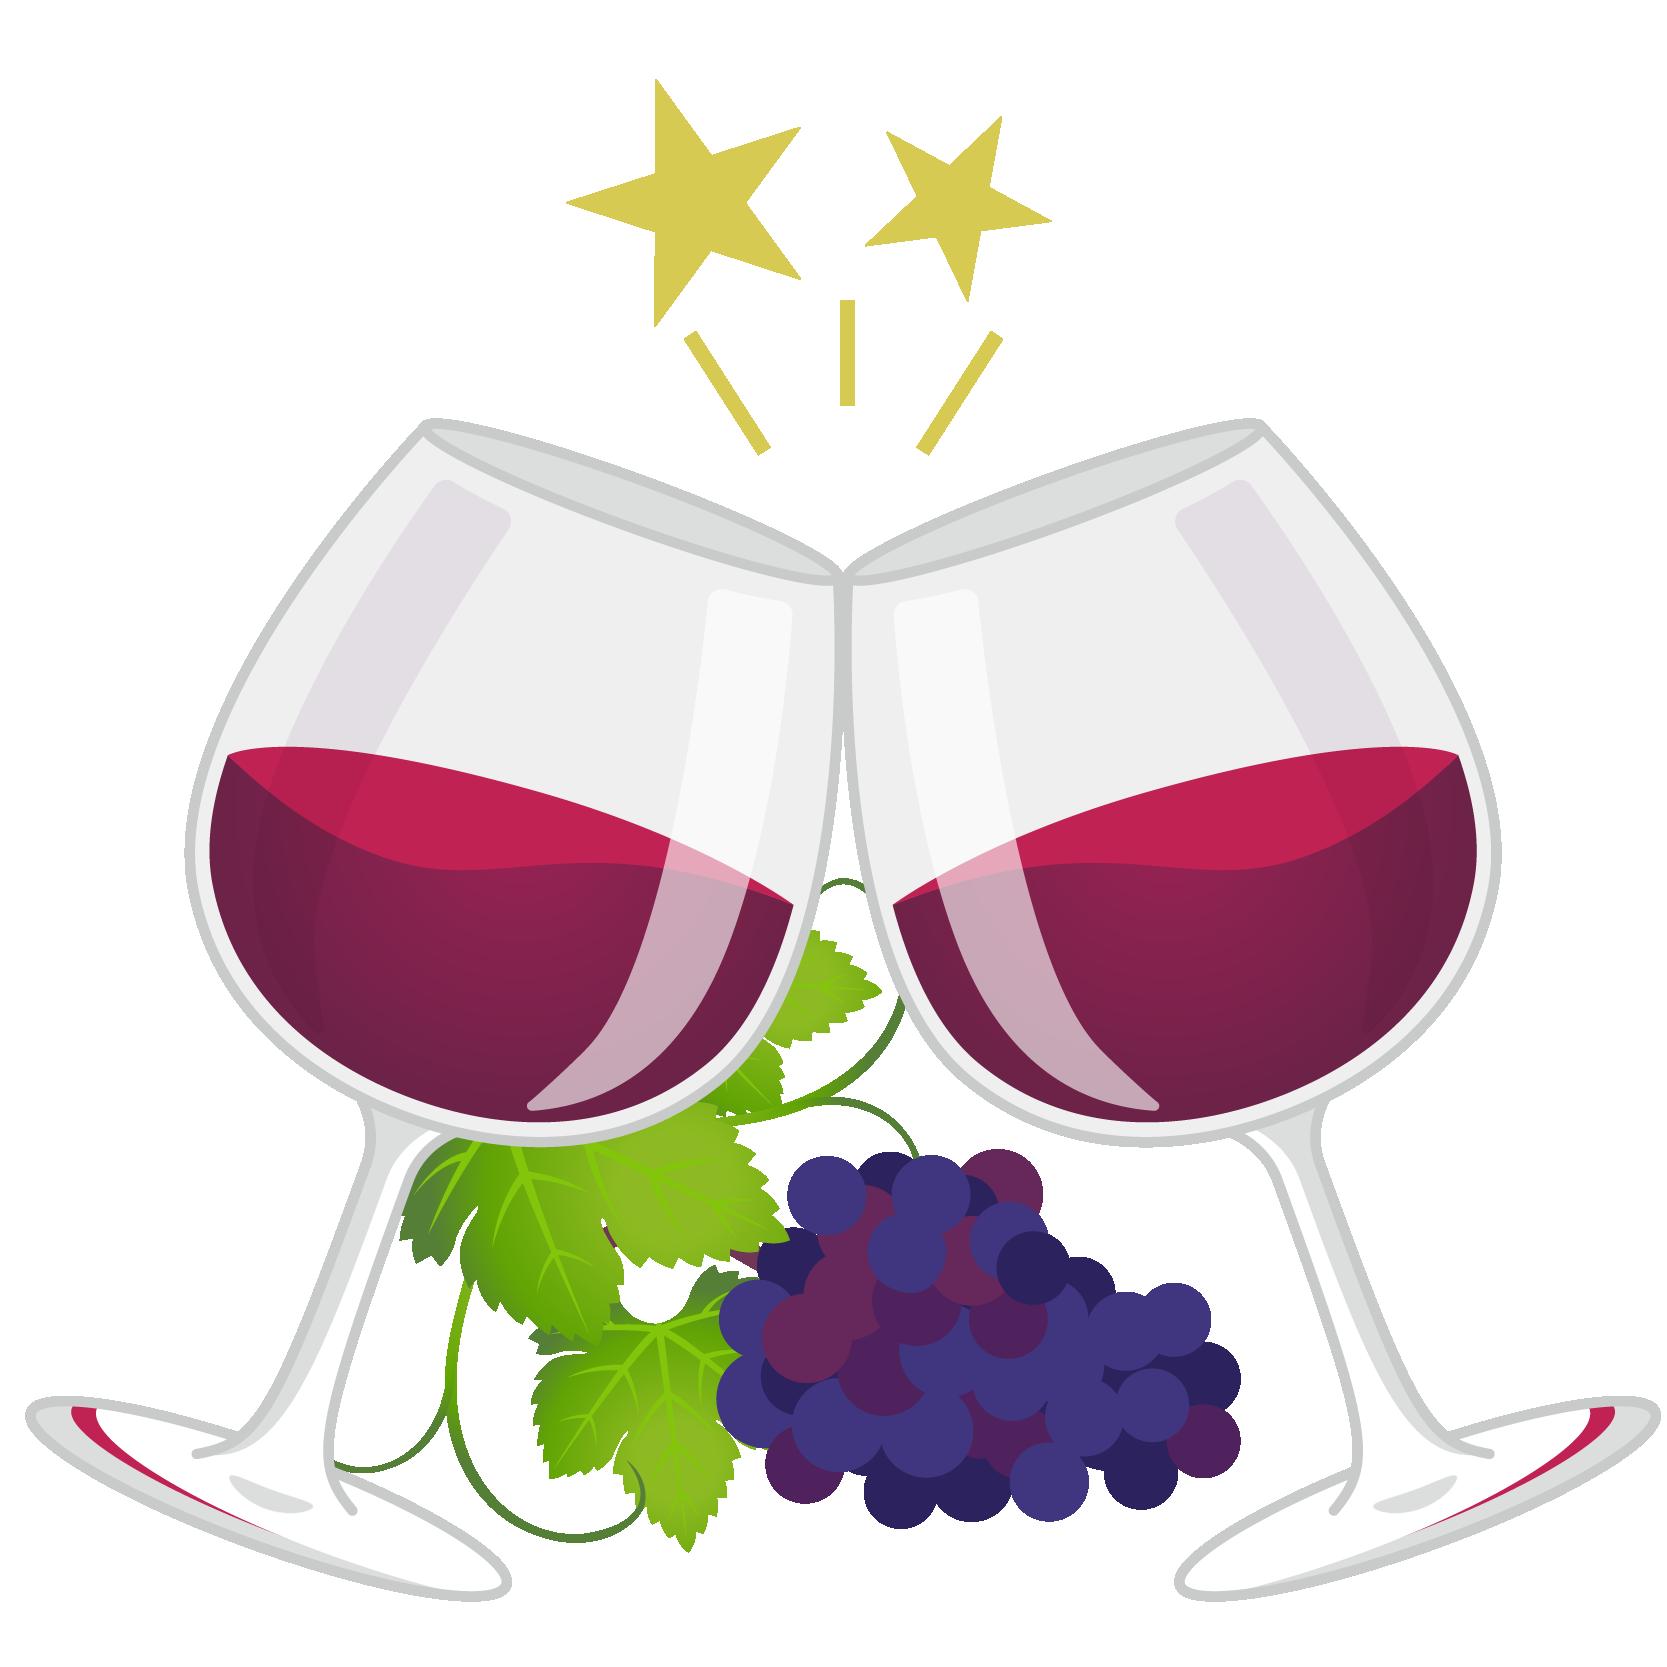 商用フリーイラスト_11月_ボジョレーヌーボー_ワイン_赤_グラス_乾杯_ぶどう_Beaujolais Nouveau